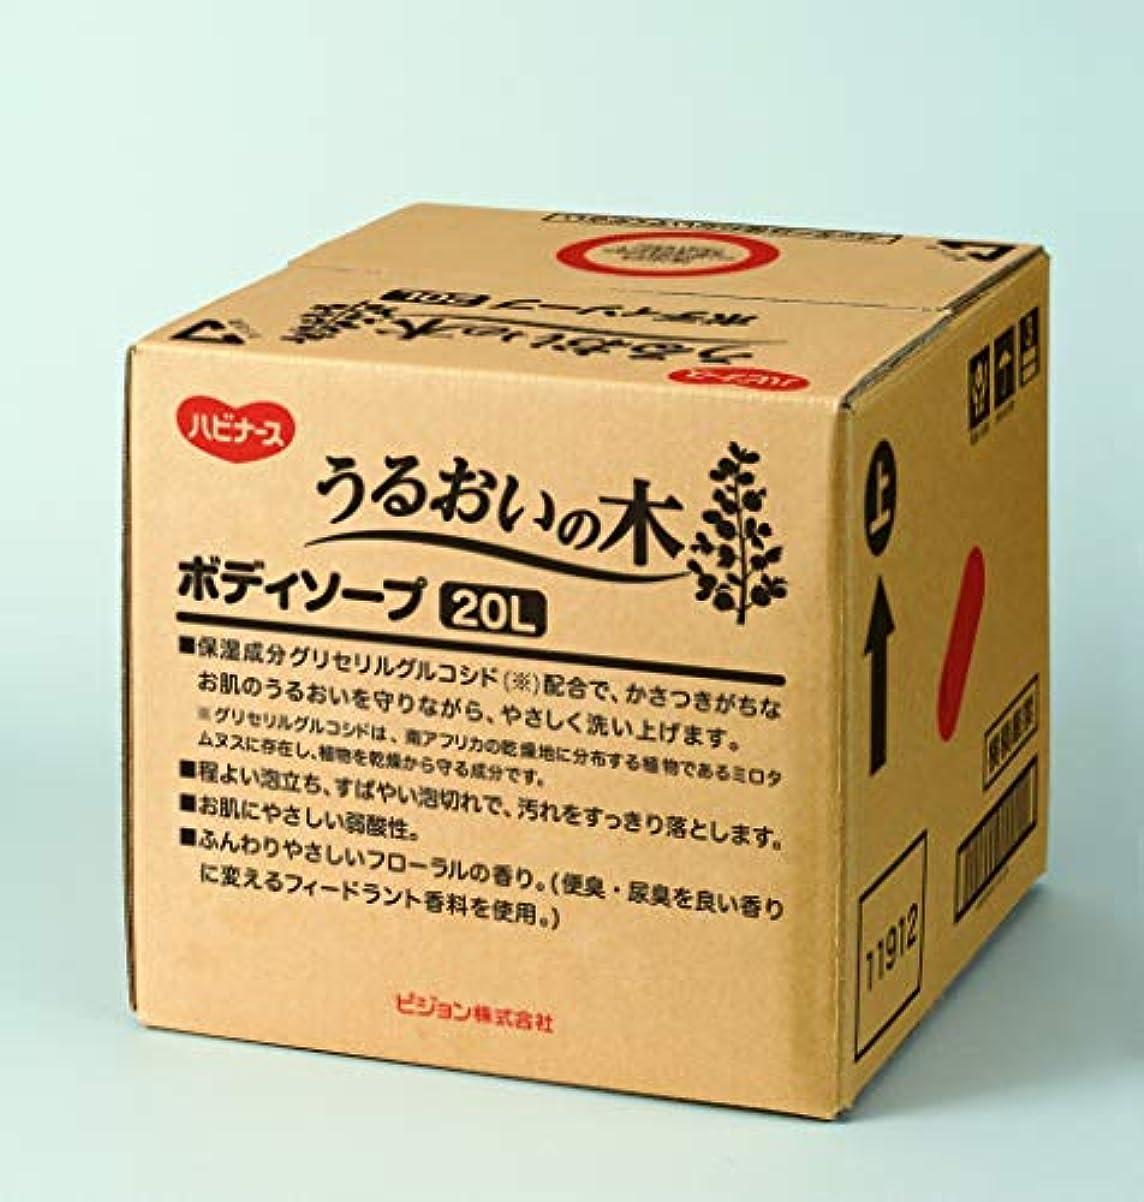 モート仮定悲しむハビナース うるおいの木 ボディソープ 20L [業務用]